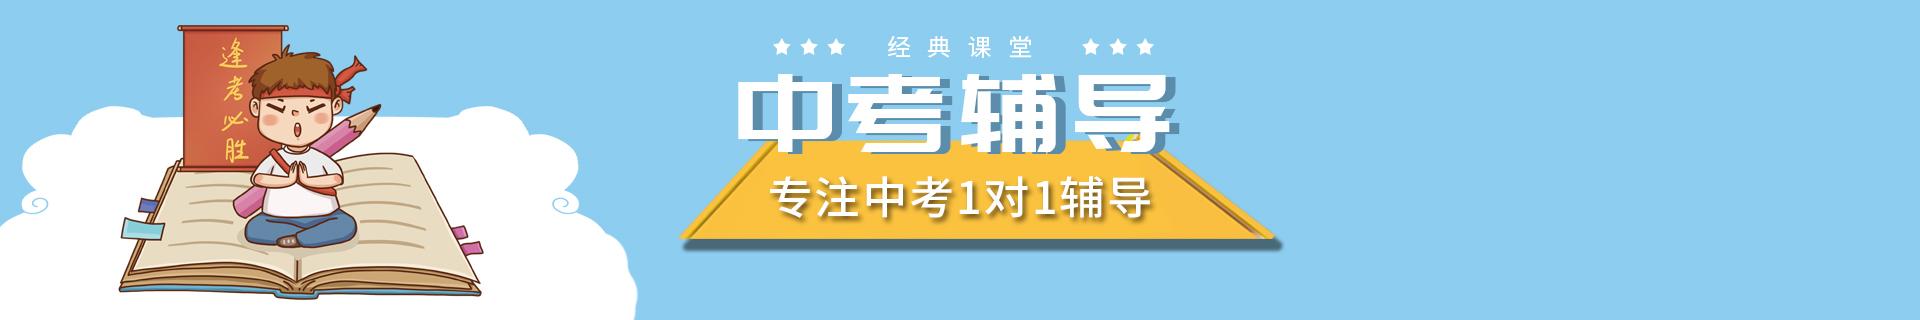 扬州邗江区秦学教育机构